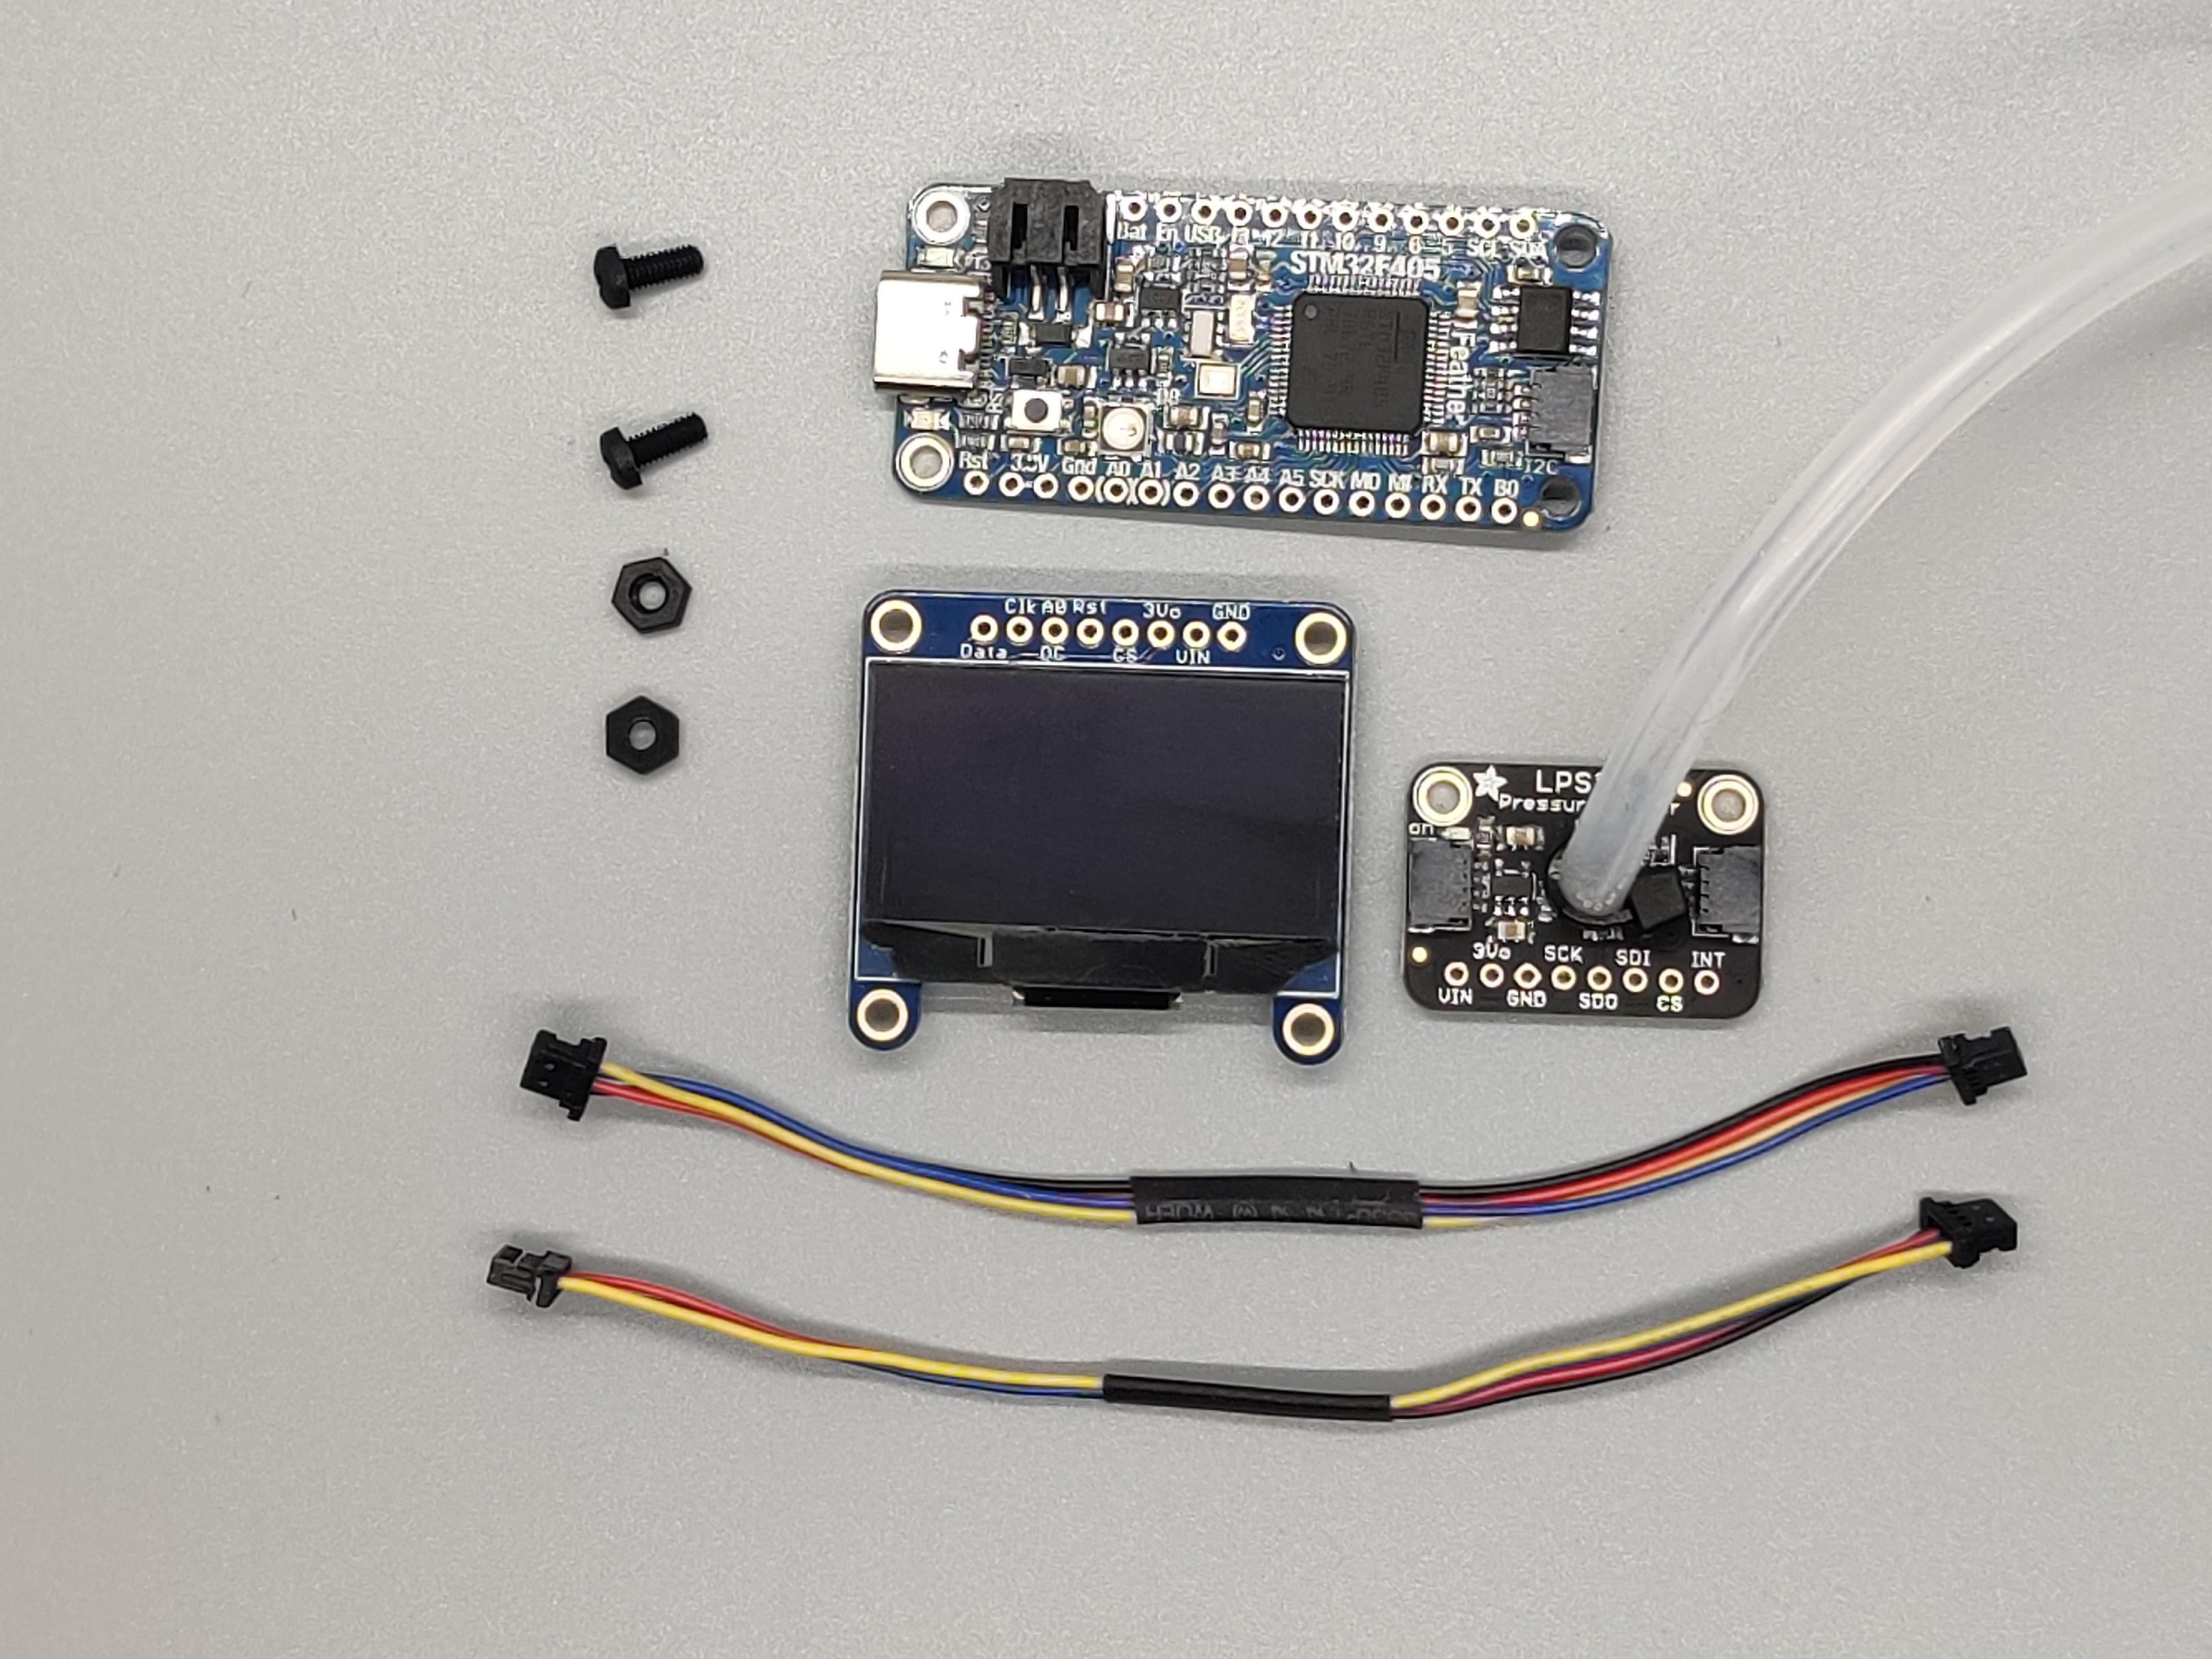 sensors_IMG_20200211_154014.jpg